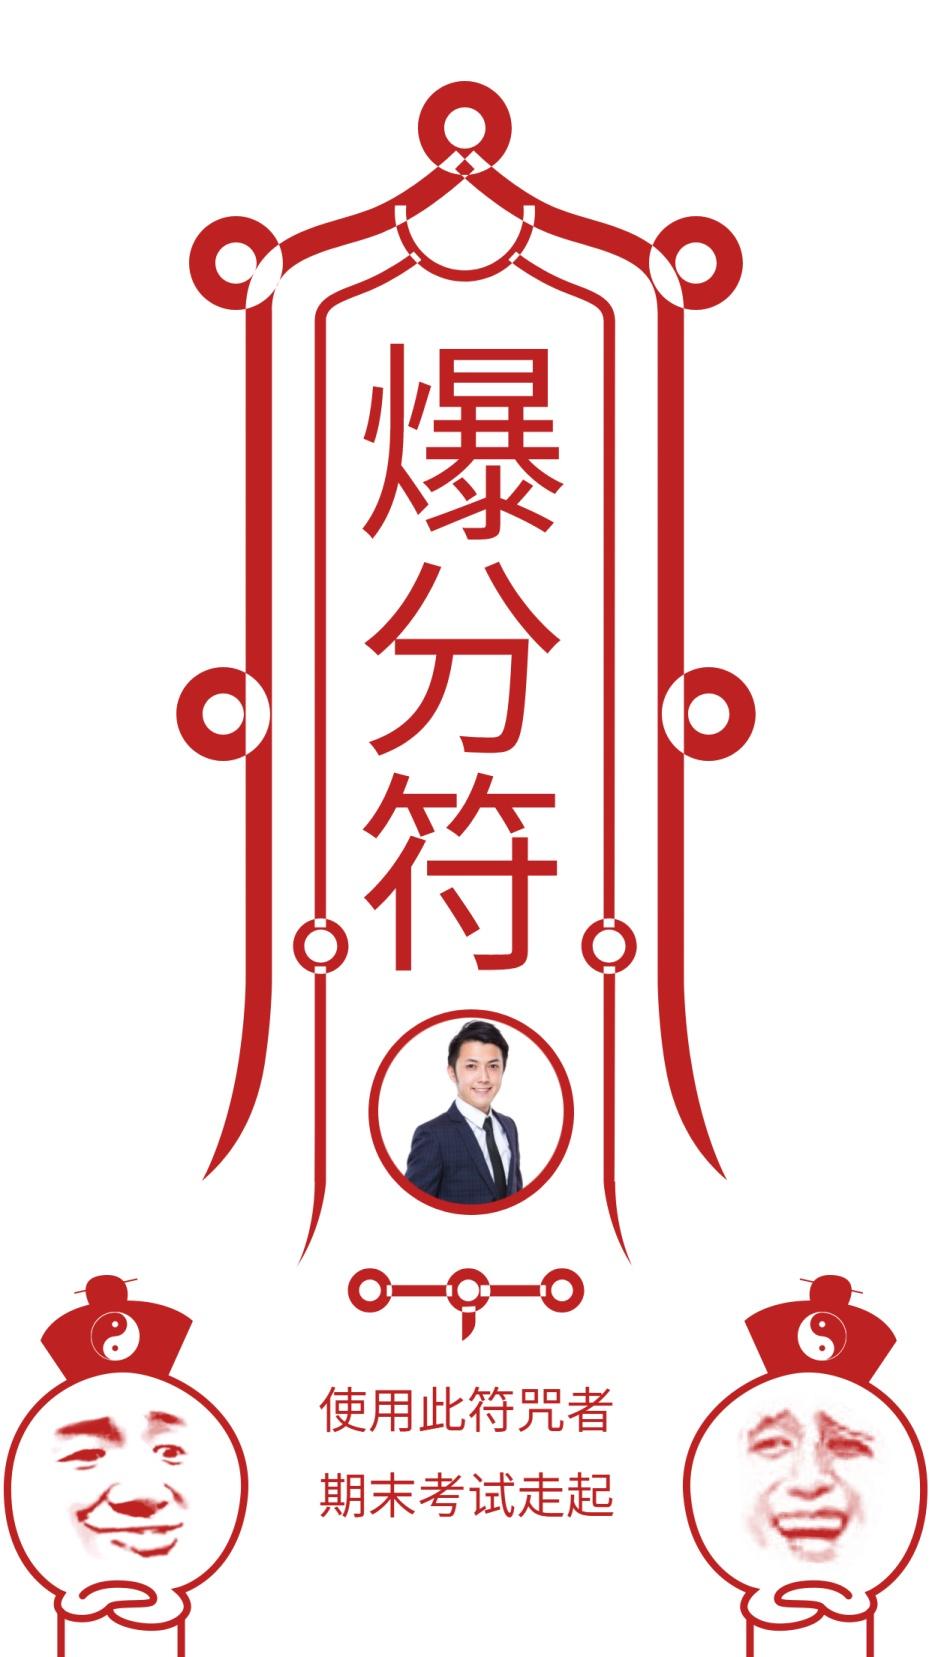 2019爆分符手机海报